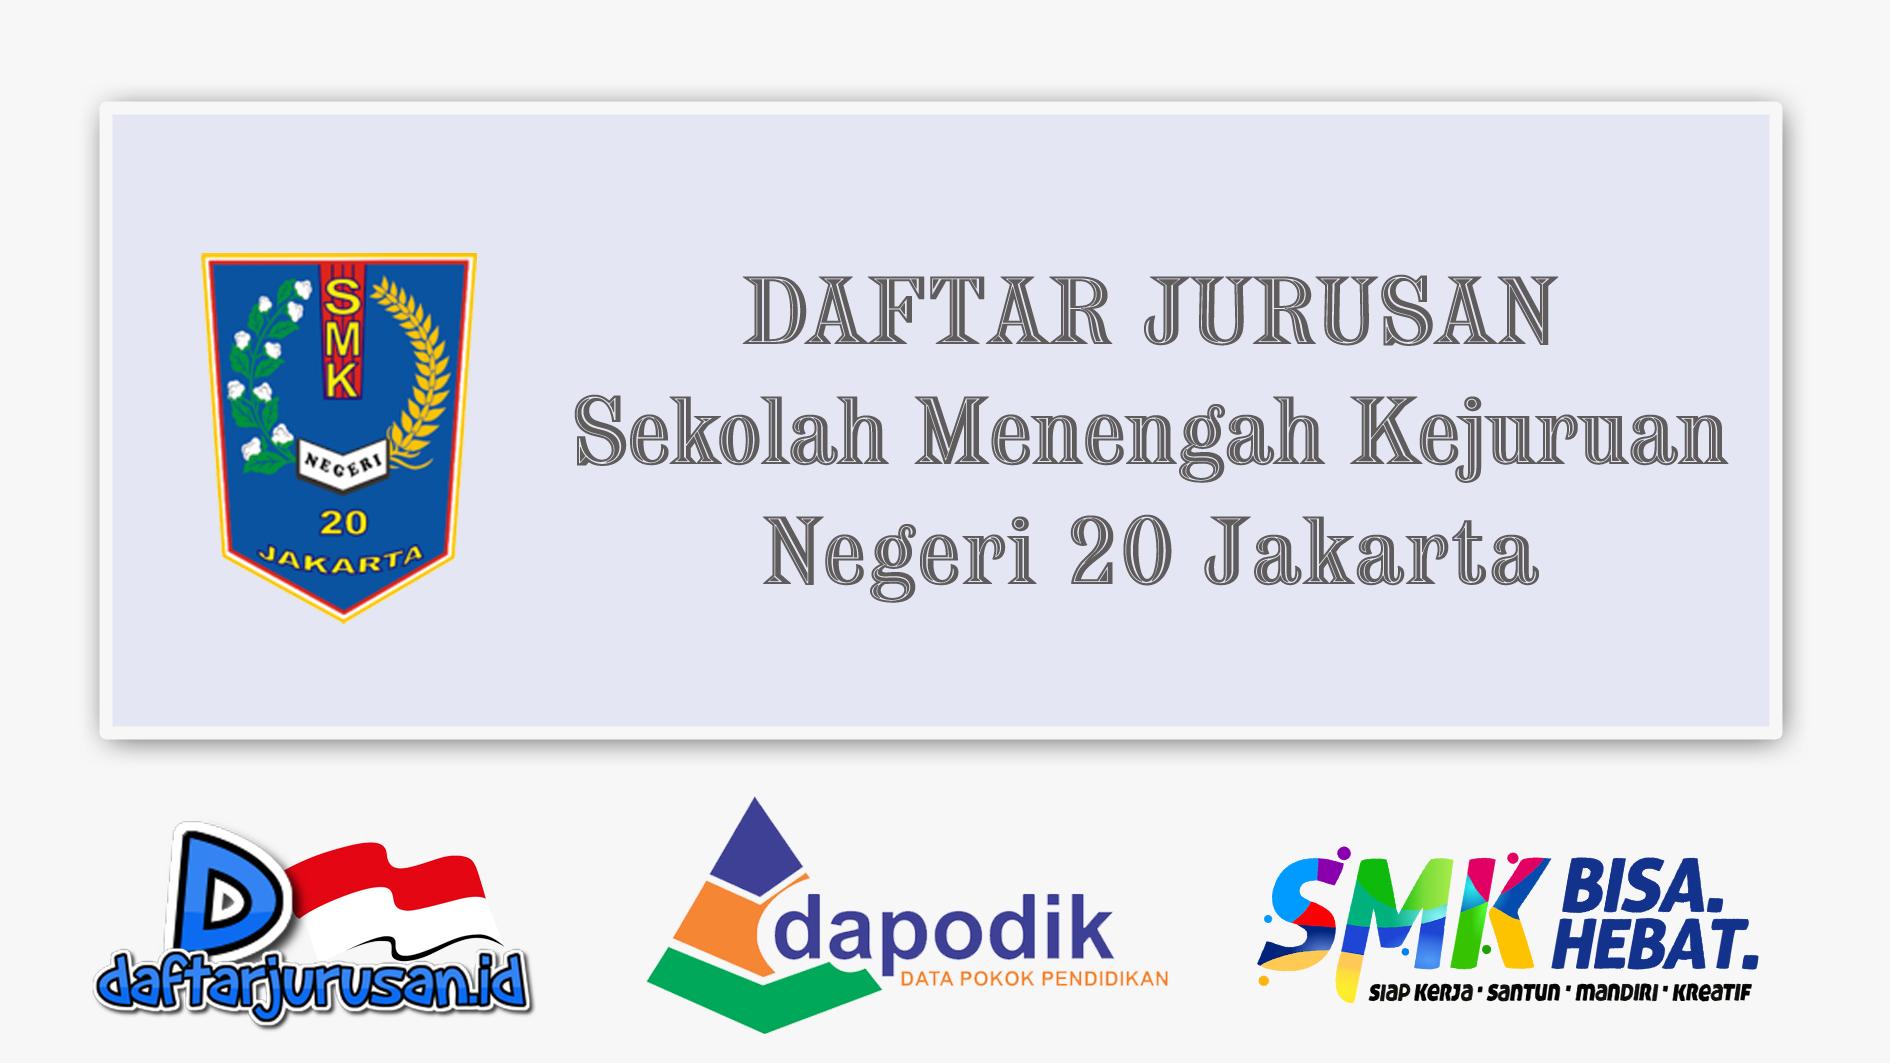 Daftar Jurusan SMK Negeri 20 Jakarta Selatan